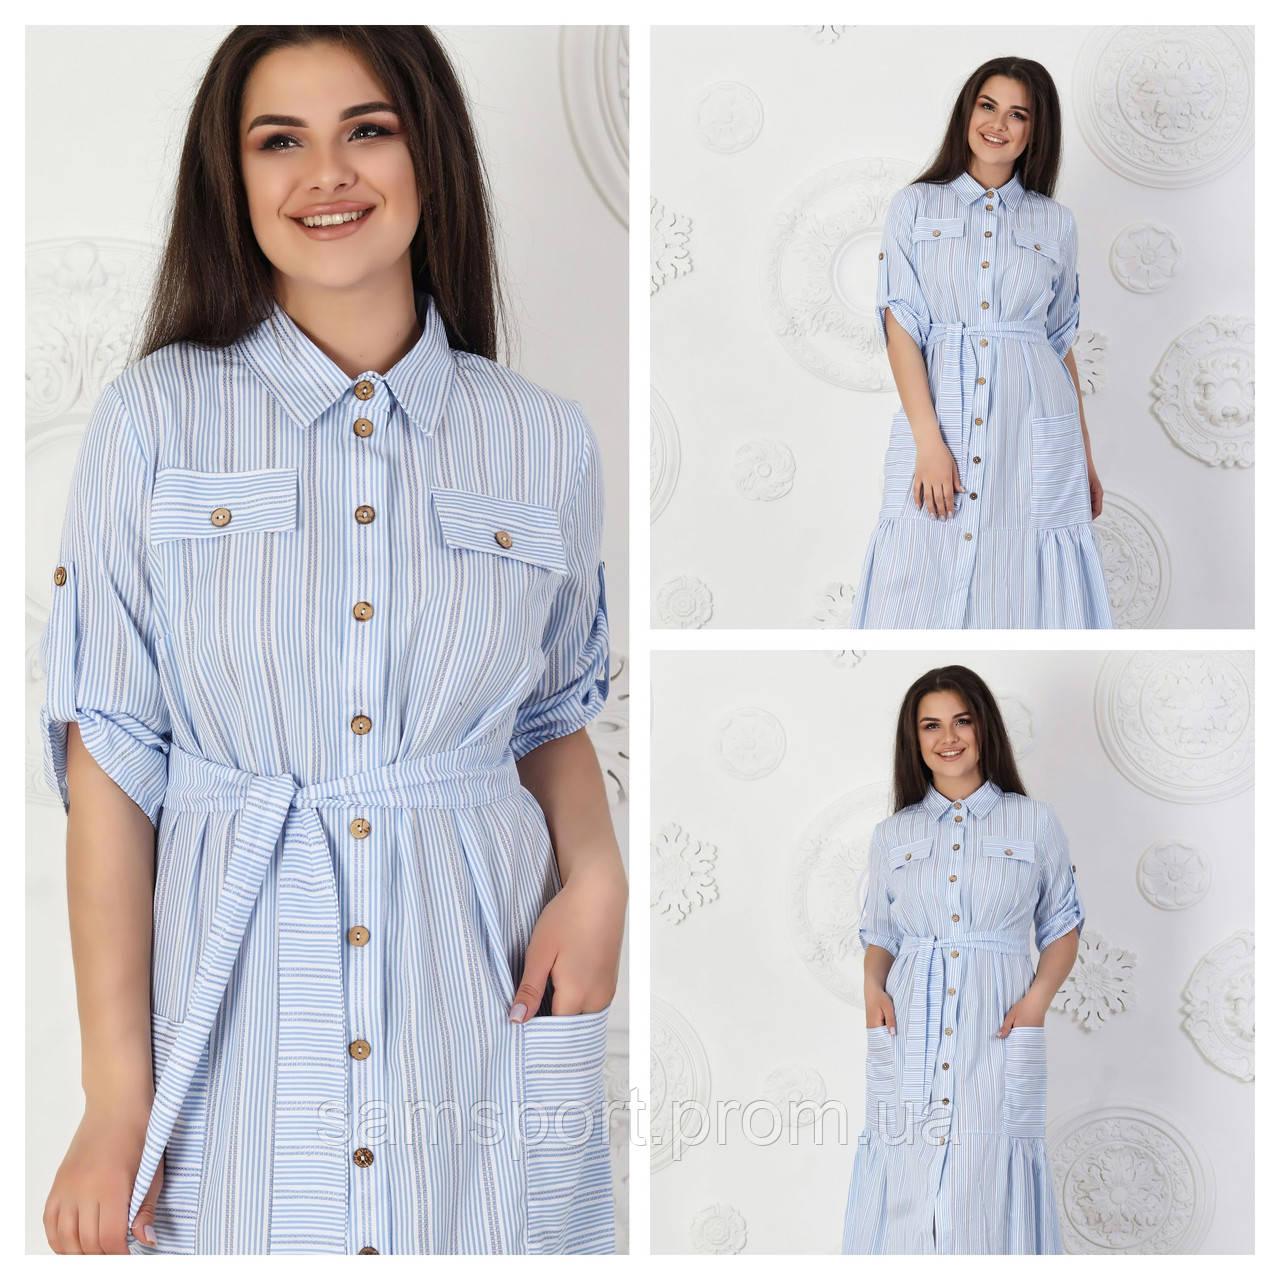 Платья - рубашки оптом, длинные платья для полных в полоску производителя